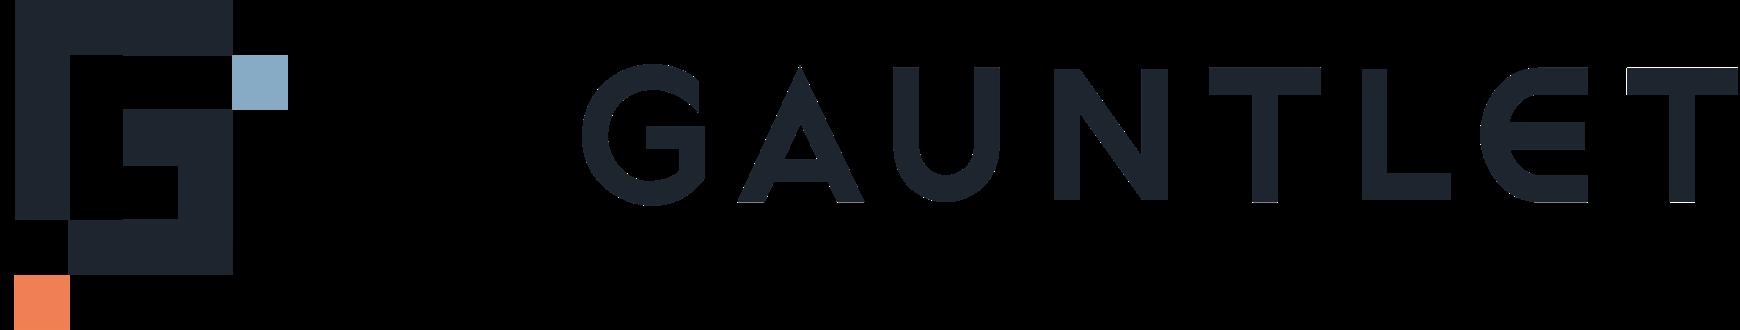 Gauntlet Networks logo